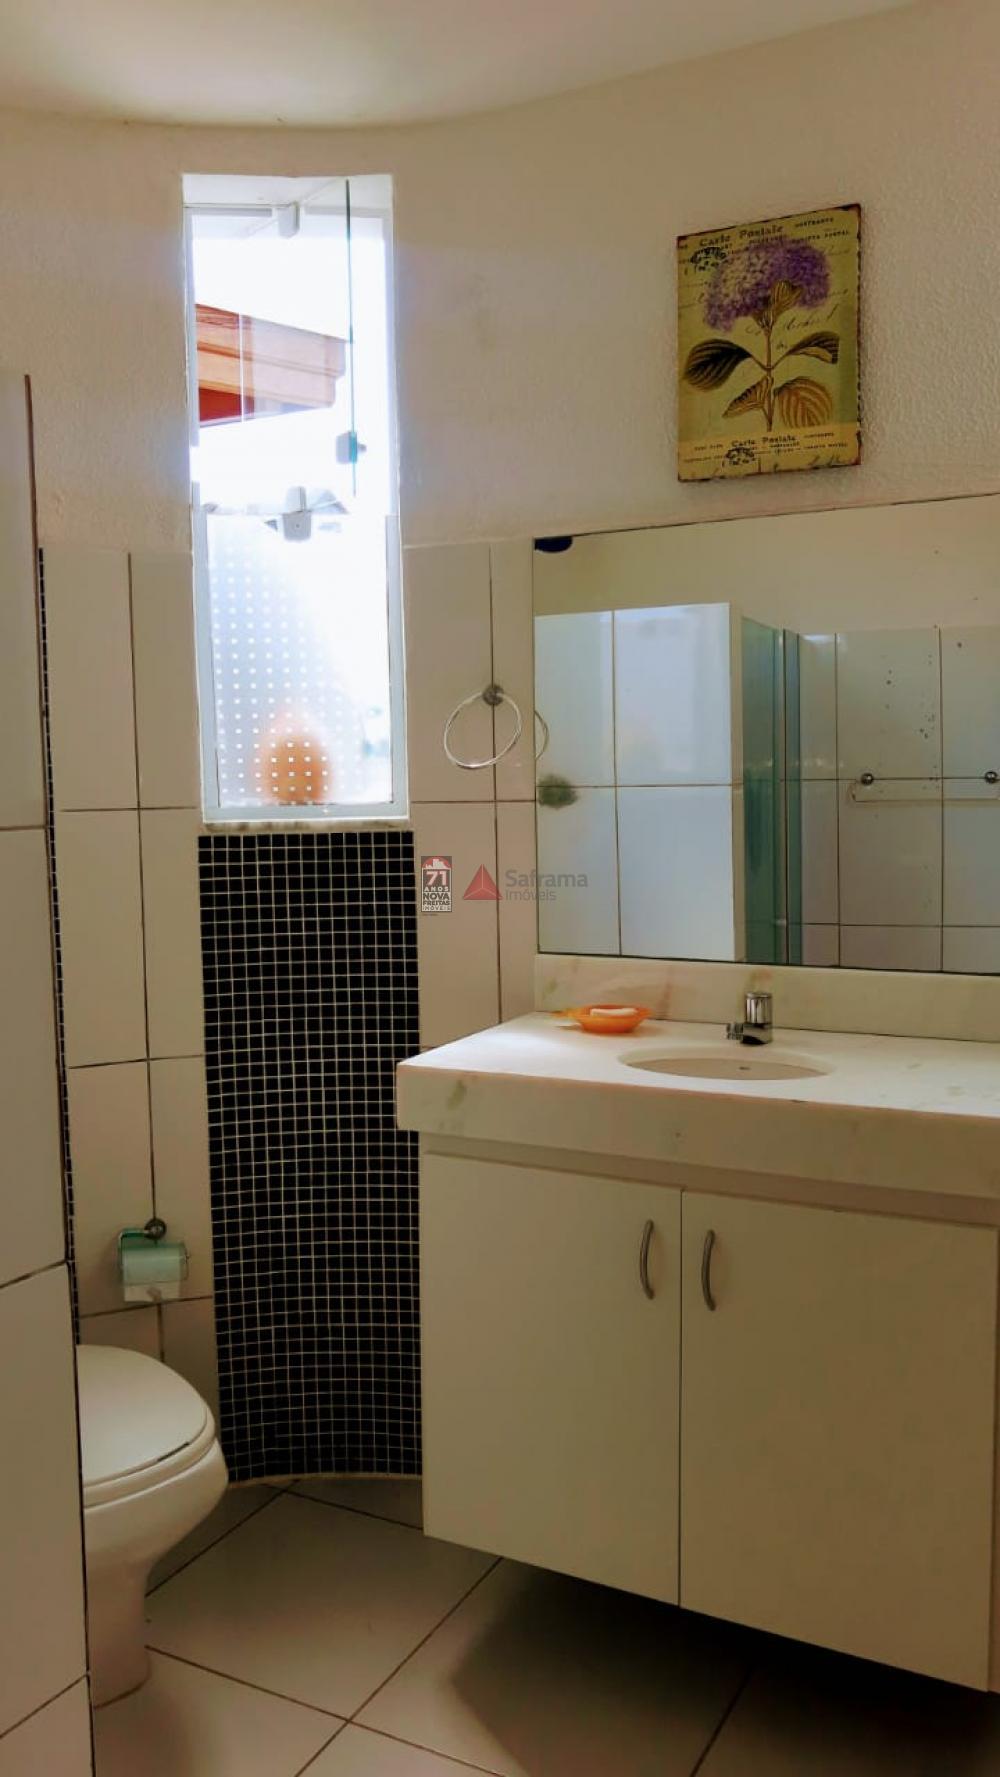 Comprar Casa / Sobrado em Caraguatatuba apenas R$ 1.600.000,00 - Foto 19